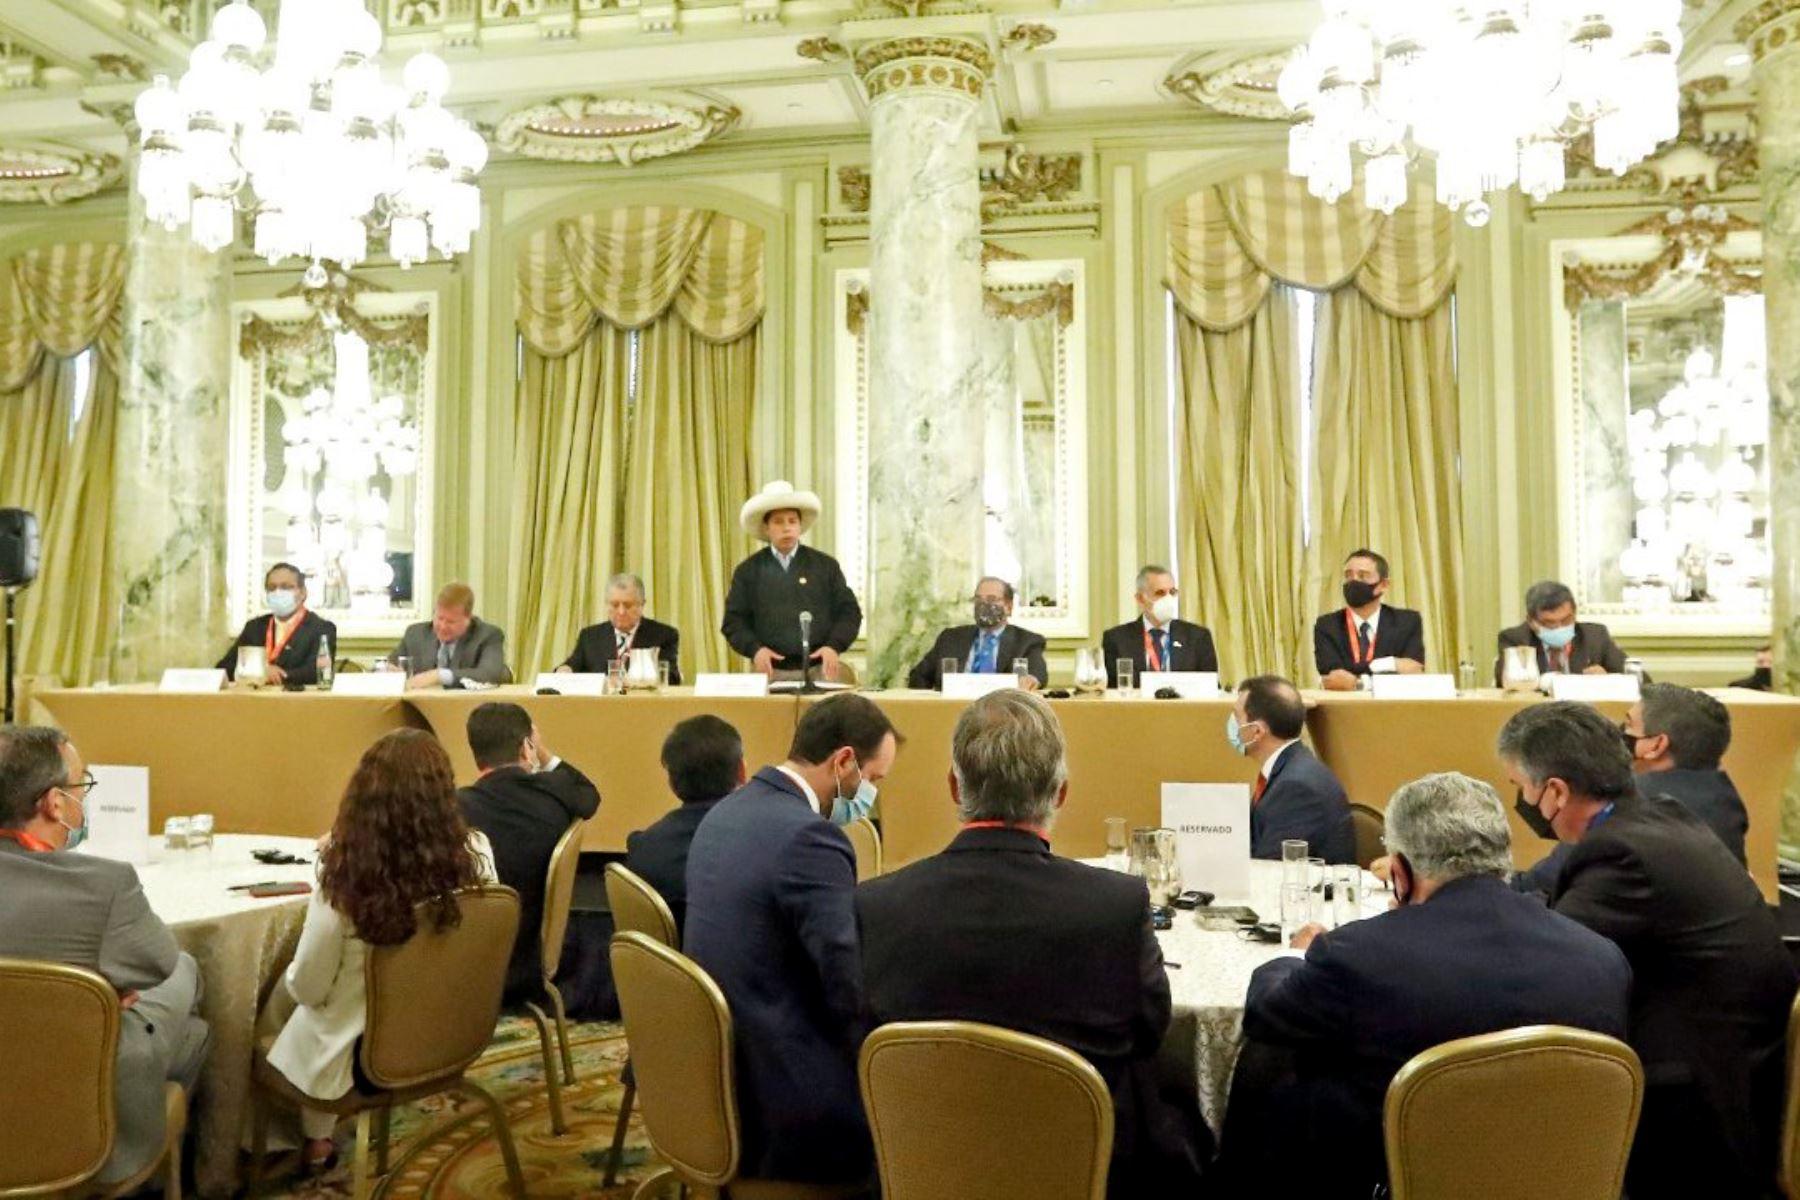 El presidente Pedro Castillo se reúne con empresarios de la Cámara de Comercio de Estados Unidos. Foto: ANDINA/ Prensa Presidencia.